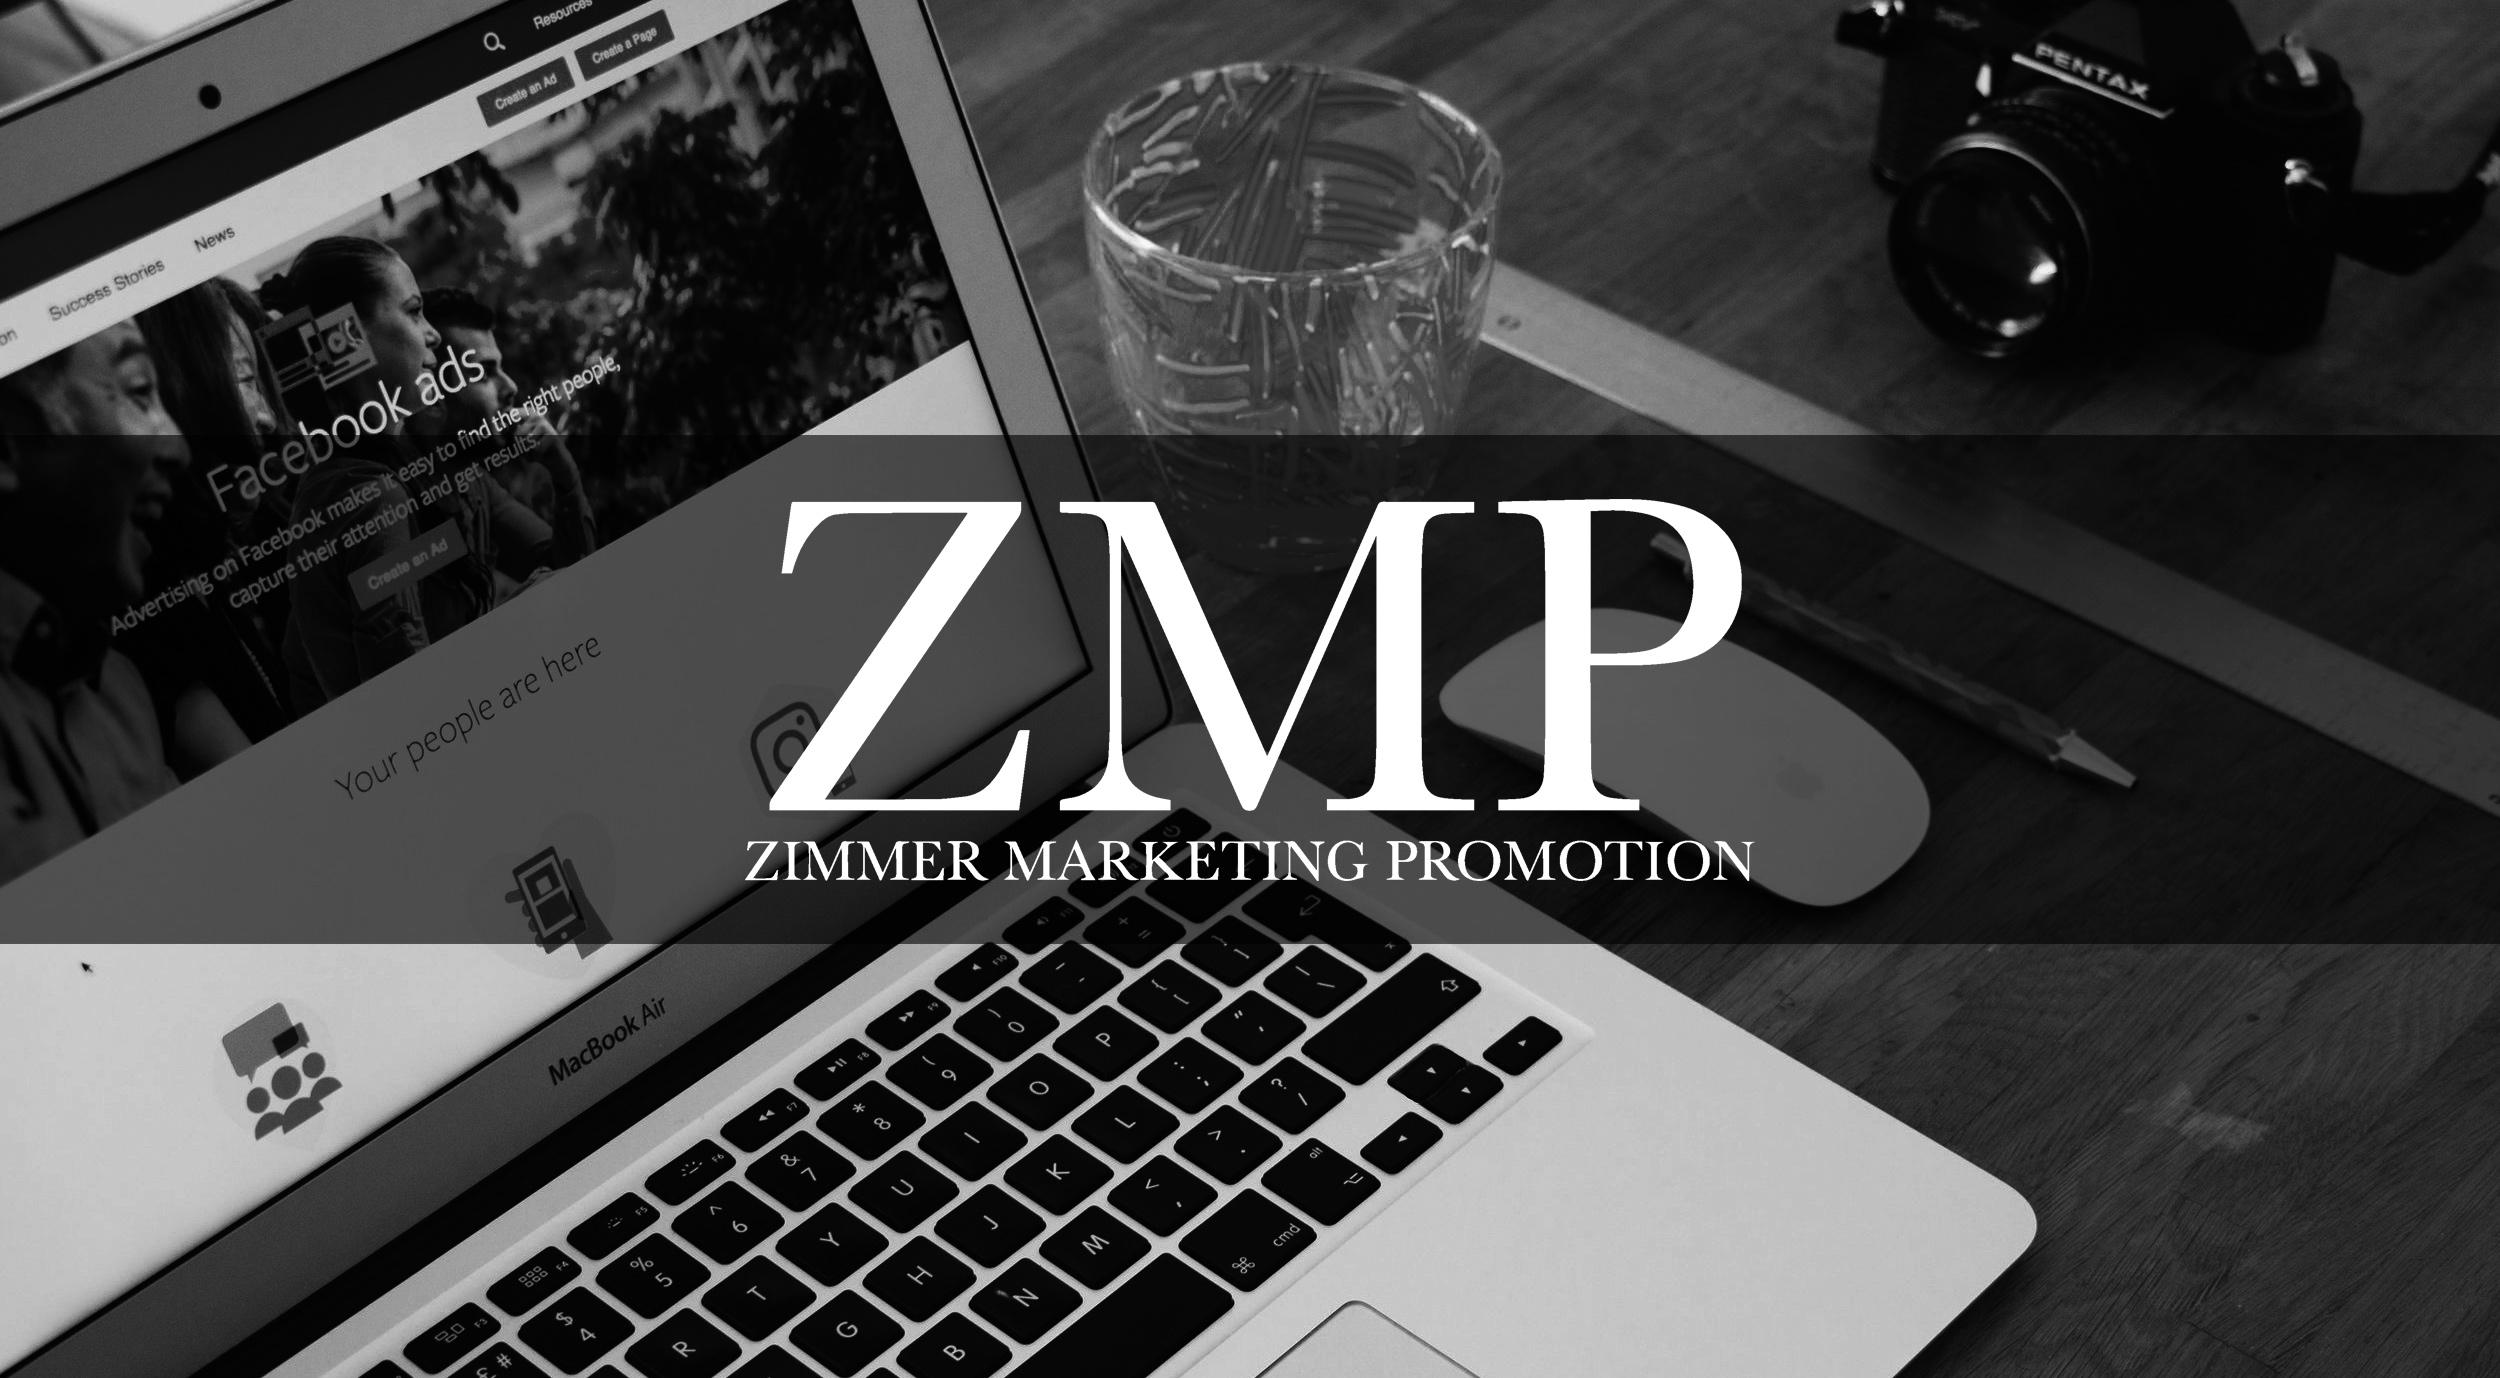 ZMP-promot.jpg